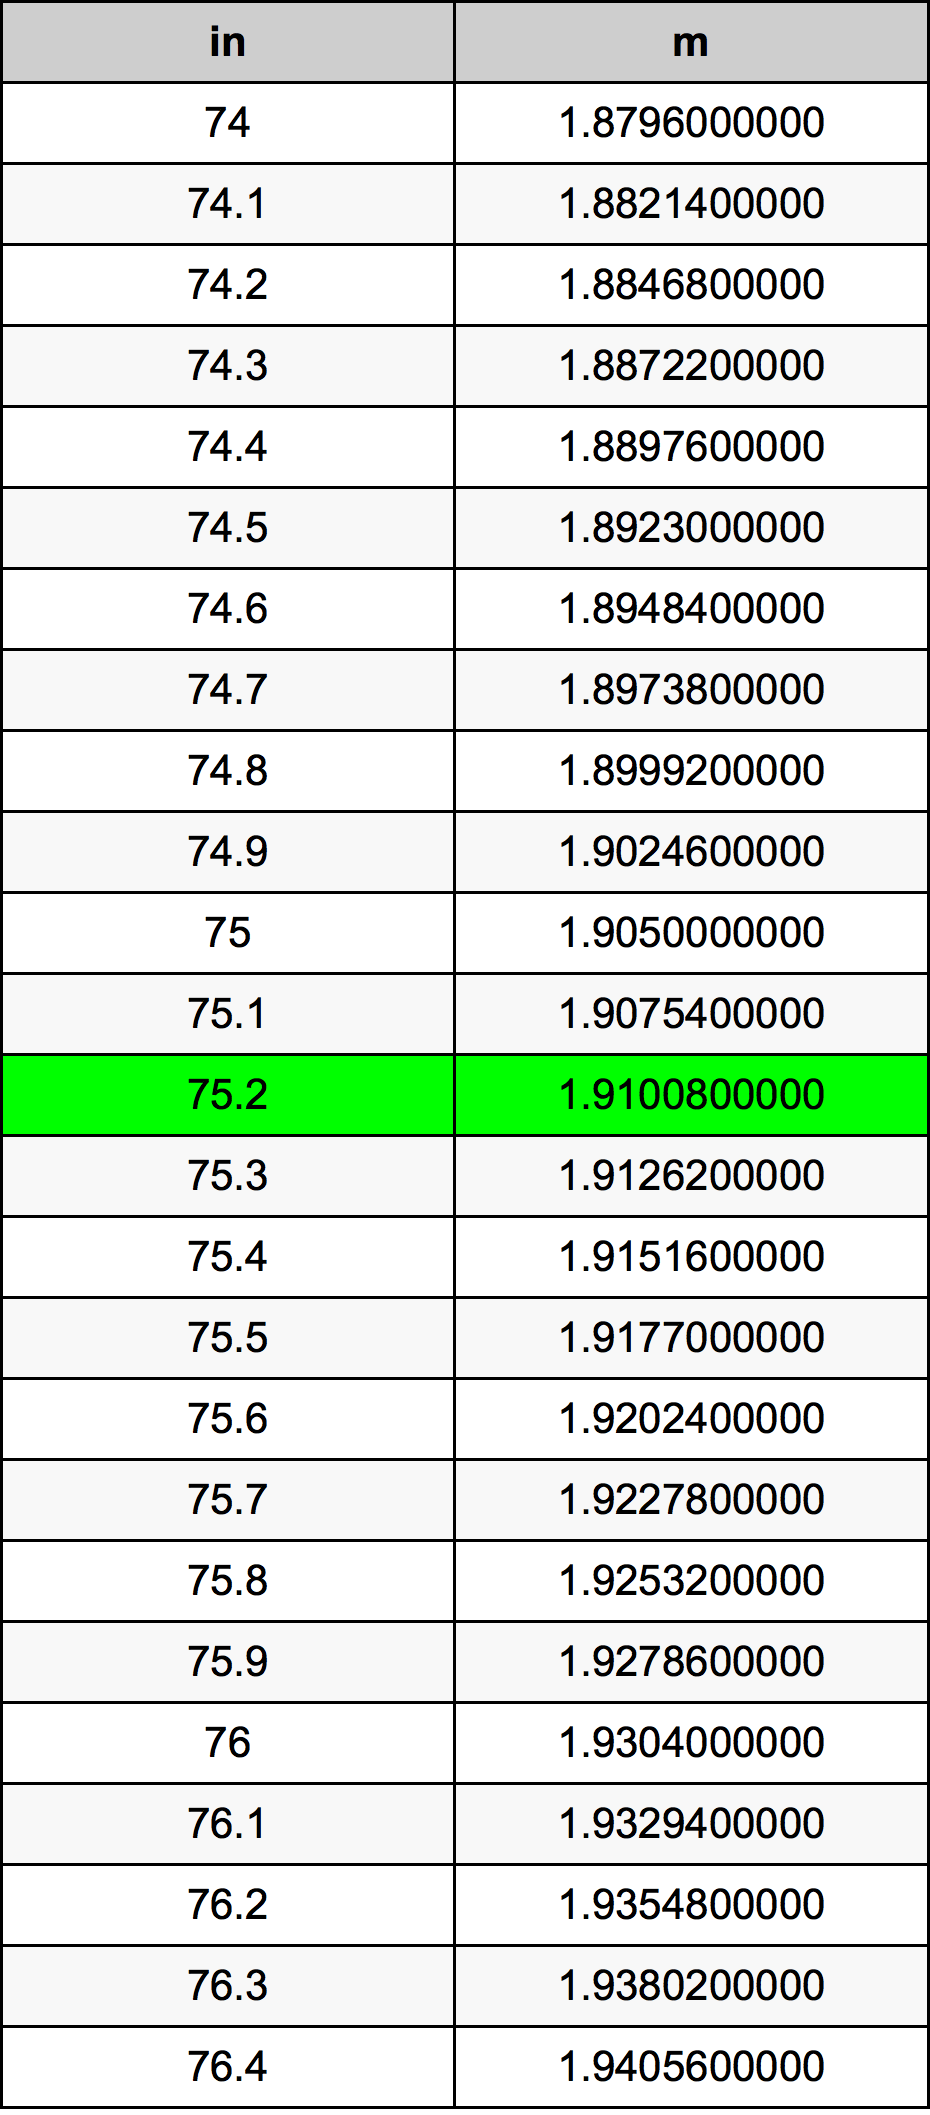 75.2 Colis konversijos lentelę